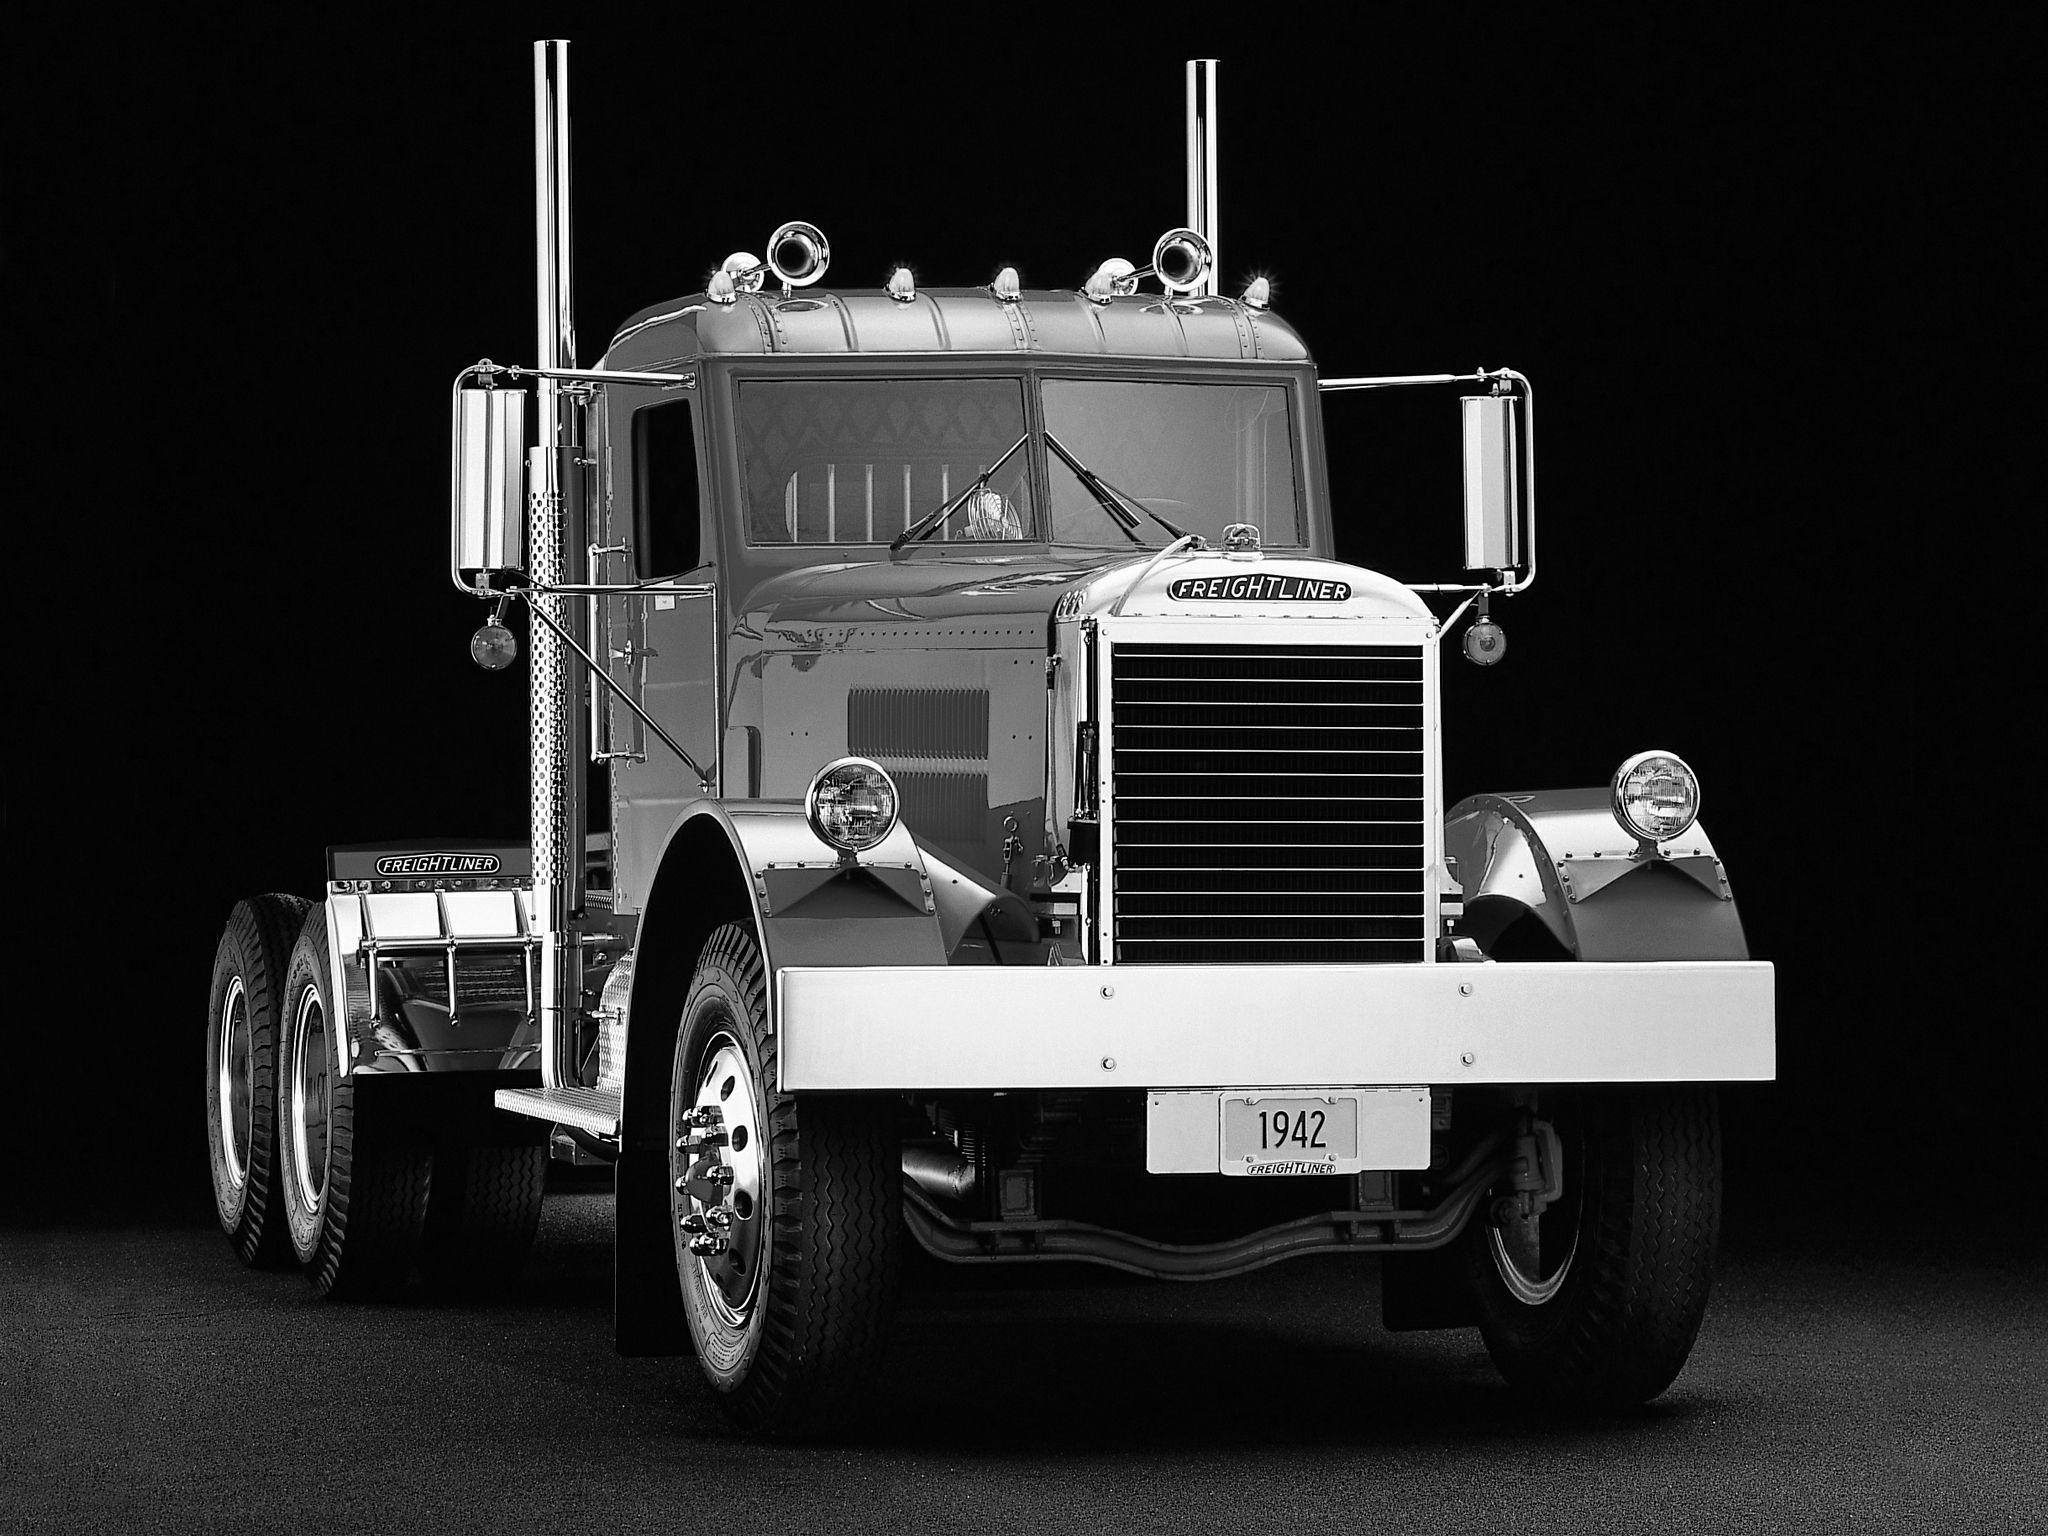 18 Fun Ideas Trucks Big Trucks Tractor Trailers